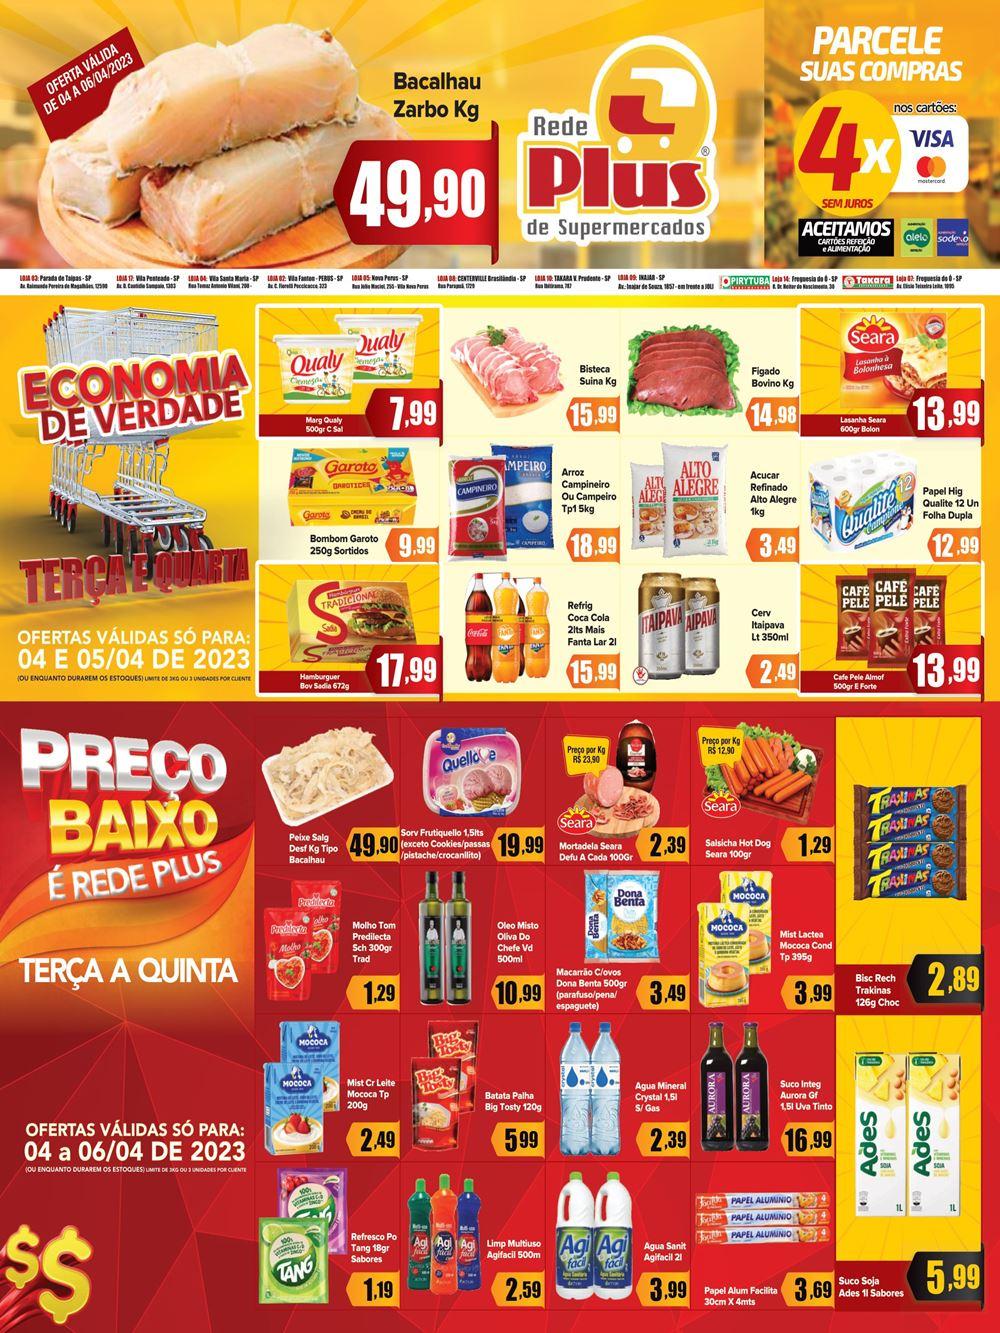 redeplustakara-ofertas-descontos-hoje1-91 Takara até 13/05